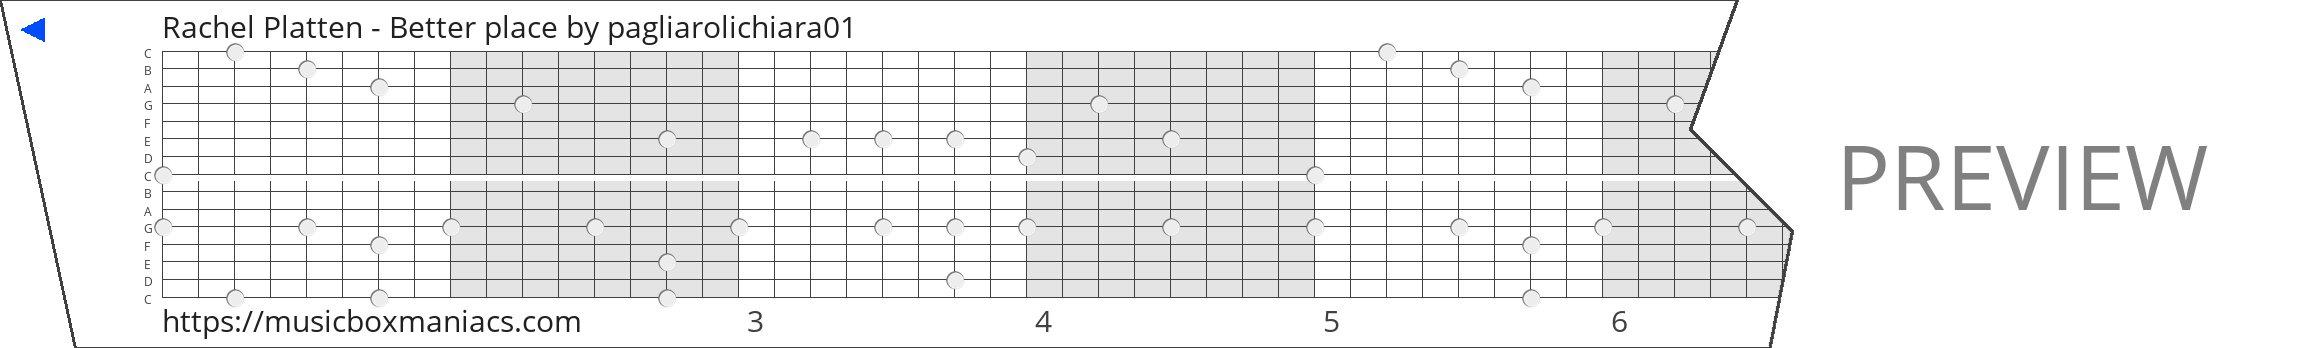 Rachel Platten - Better place 15 note music box paper strip